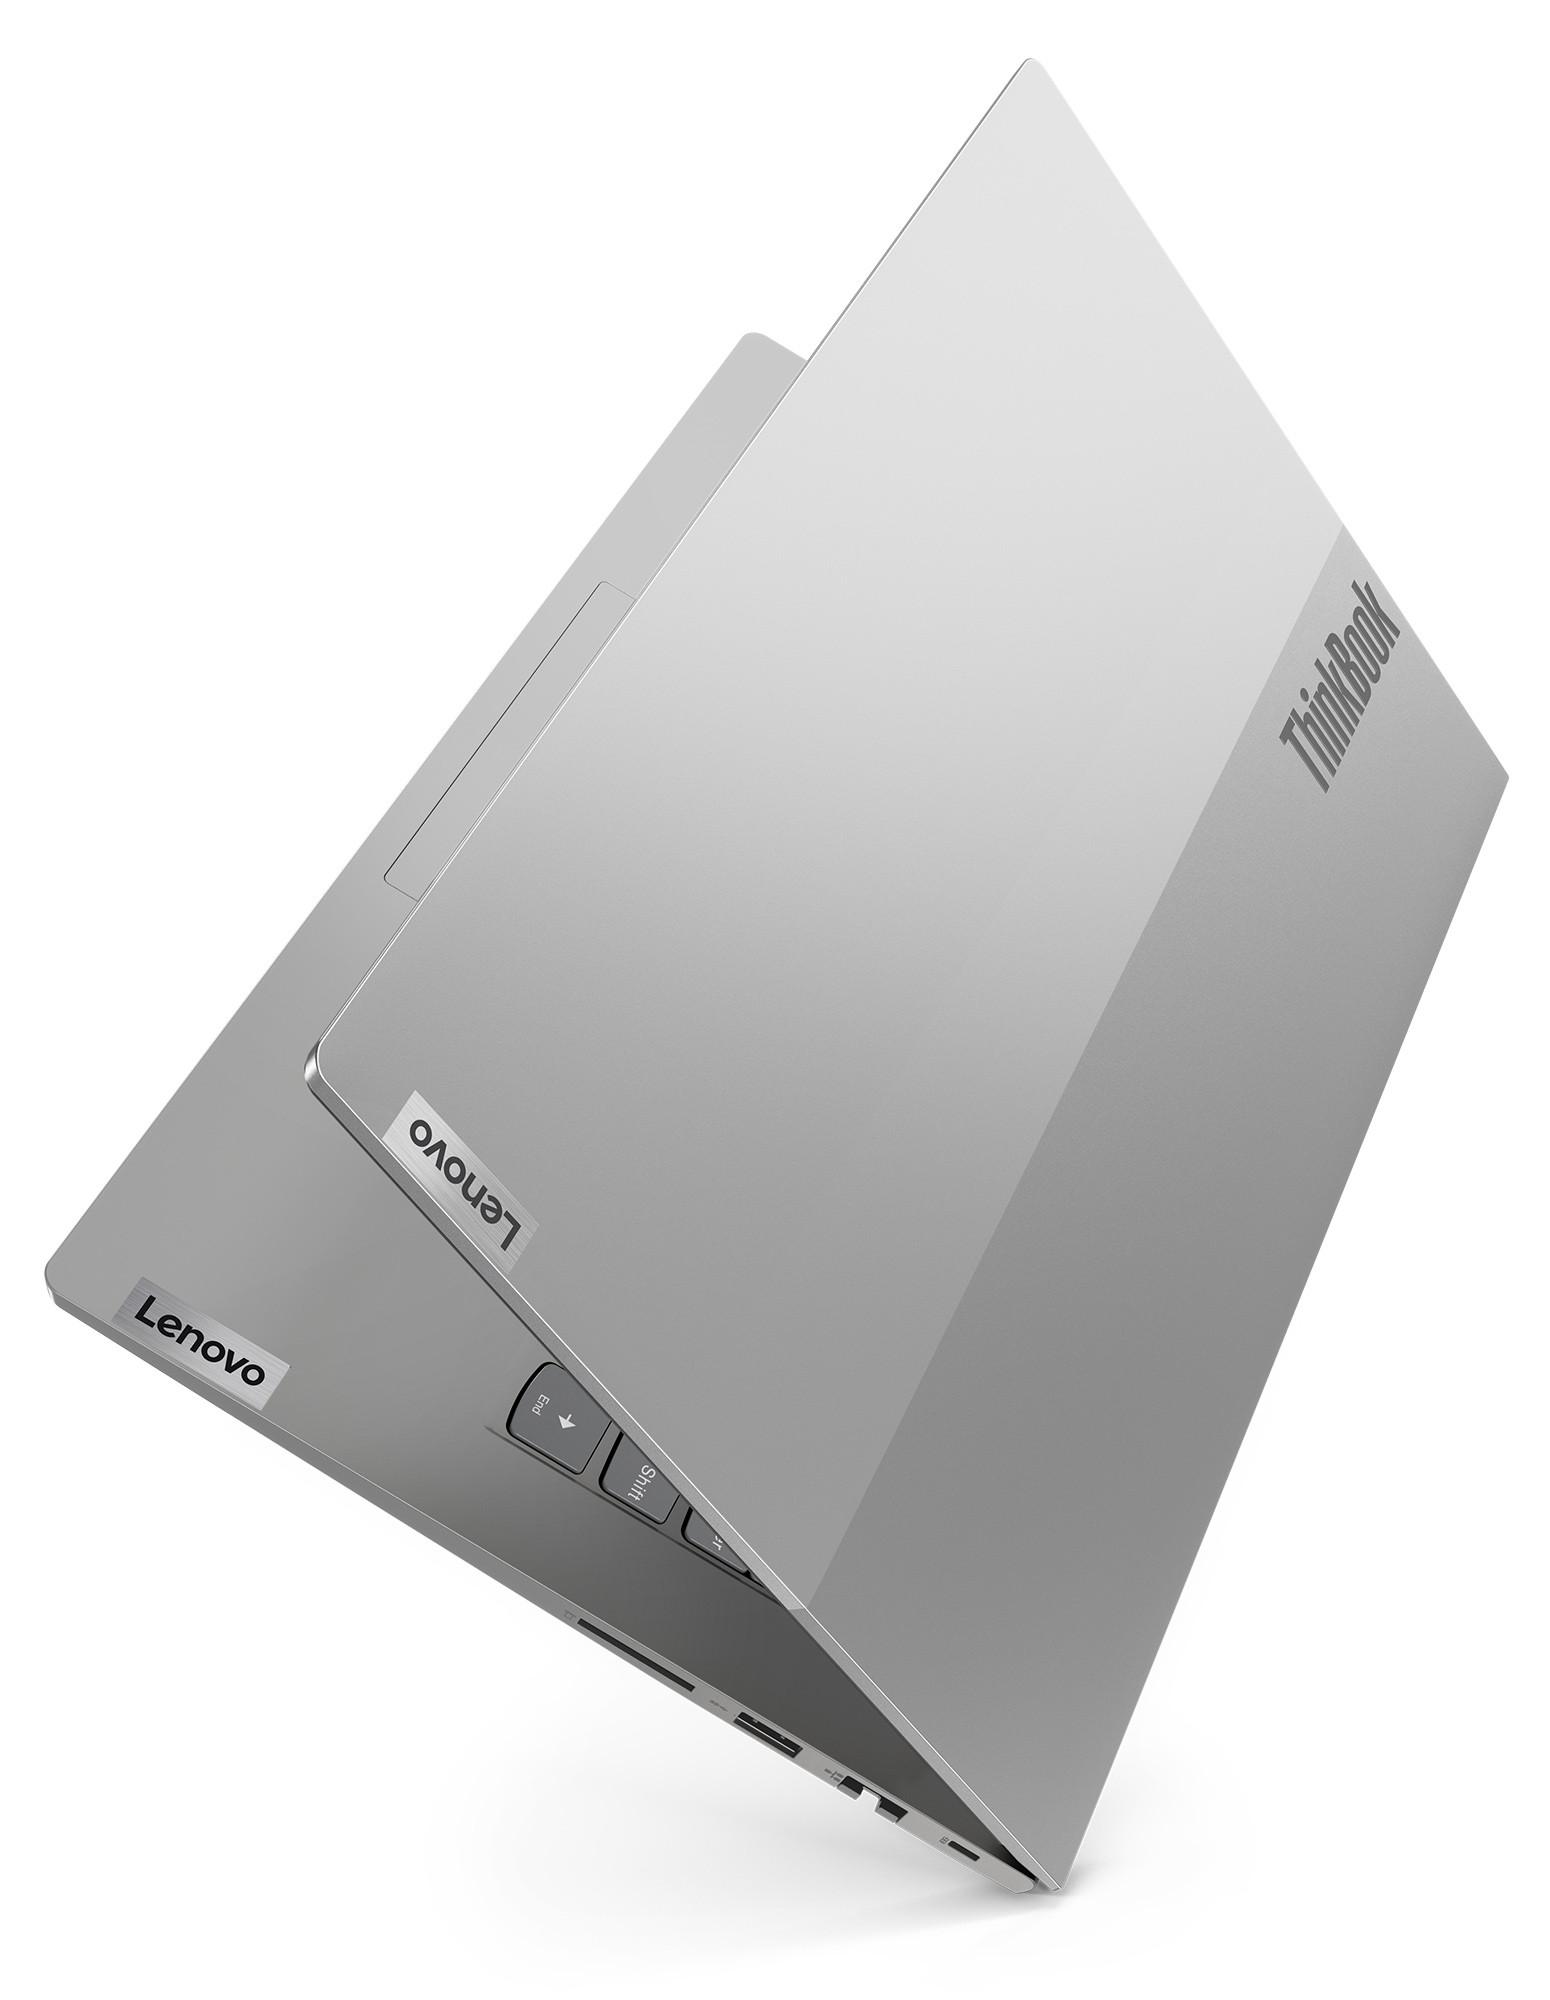 Lenovo trình làng bộ đôi ThinkBook 14 Gen 2 và 15 Gen 2 phiên bản AMD Ryzen 4000 series, giá từ 14,9 triệu đồng